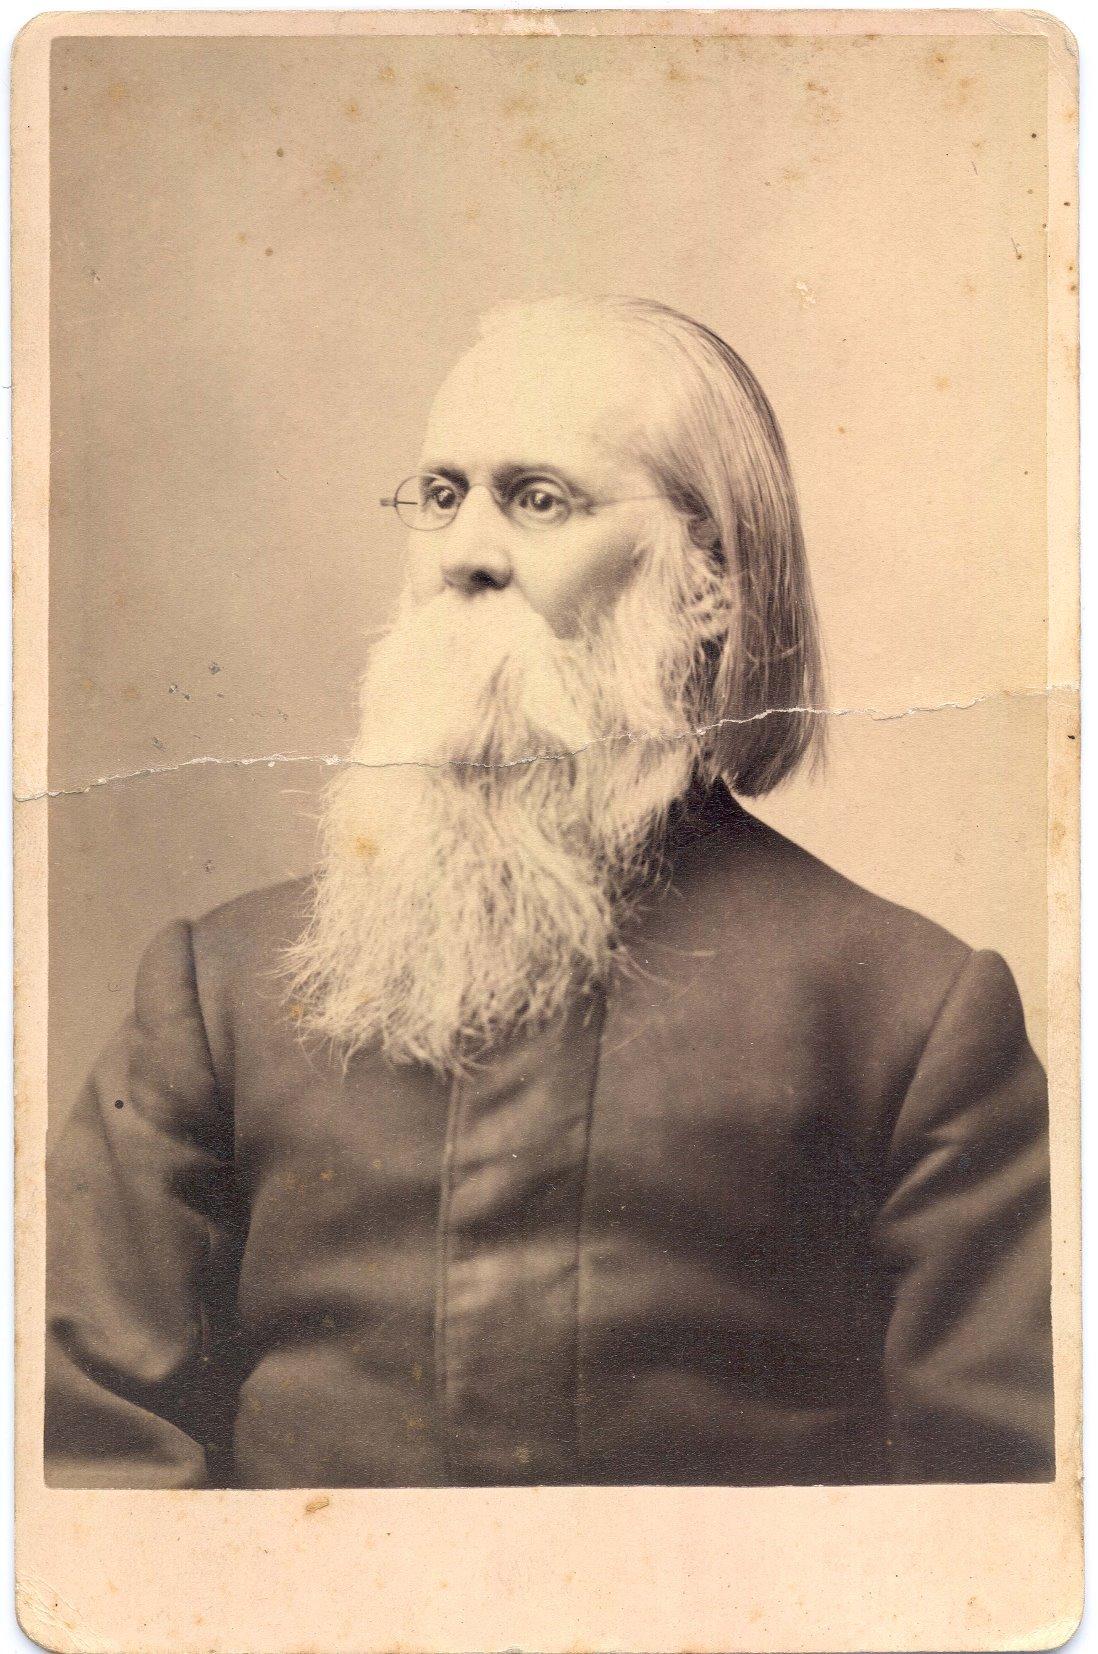 John Thomas Wheat